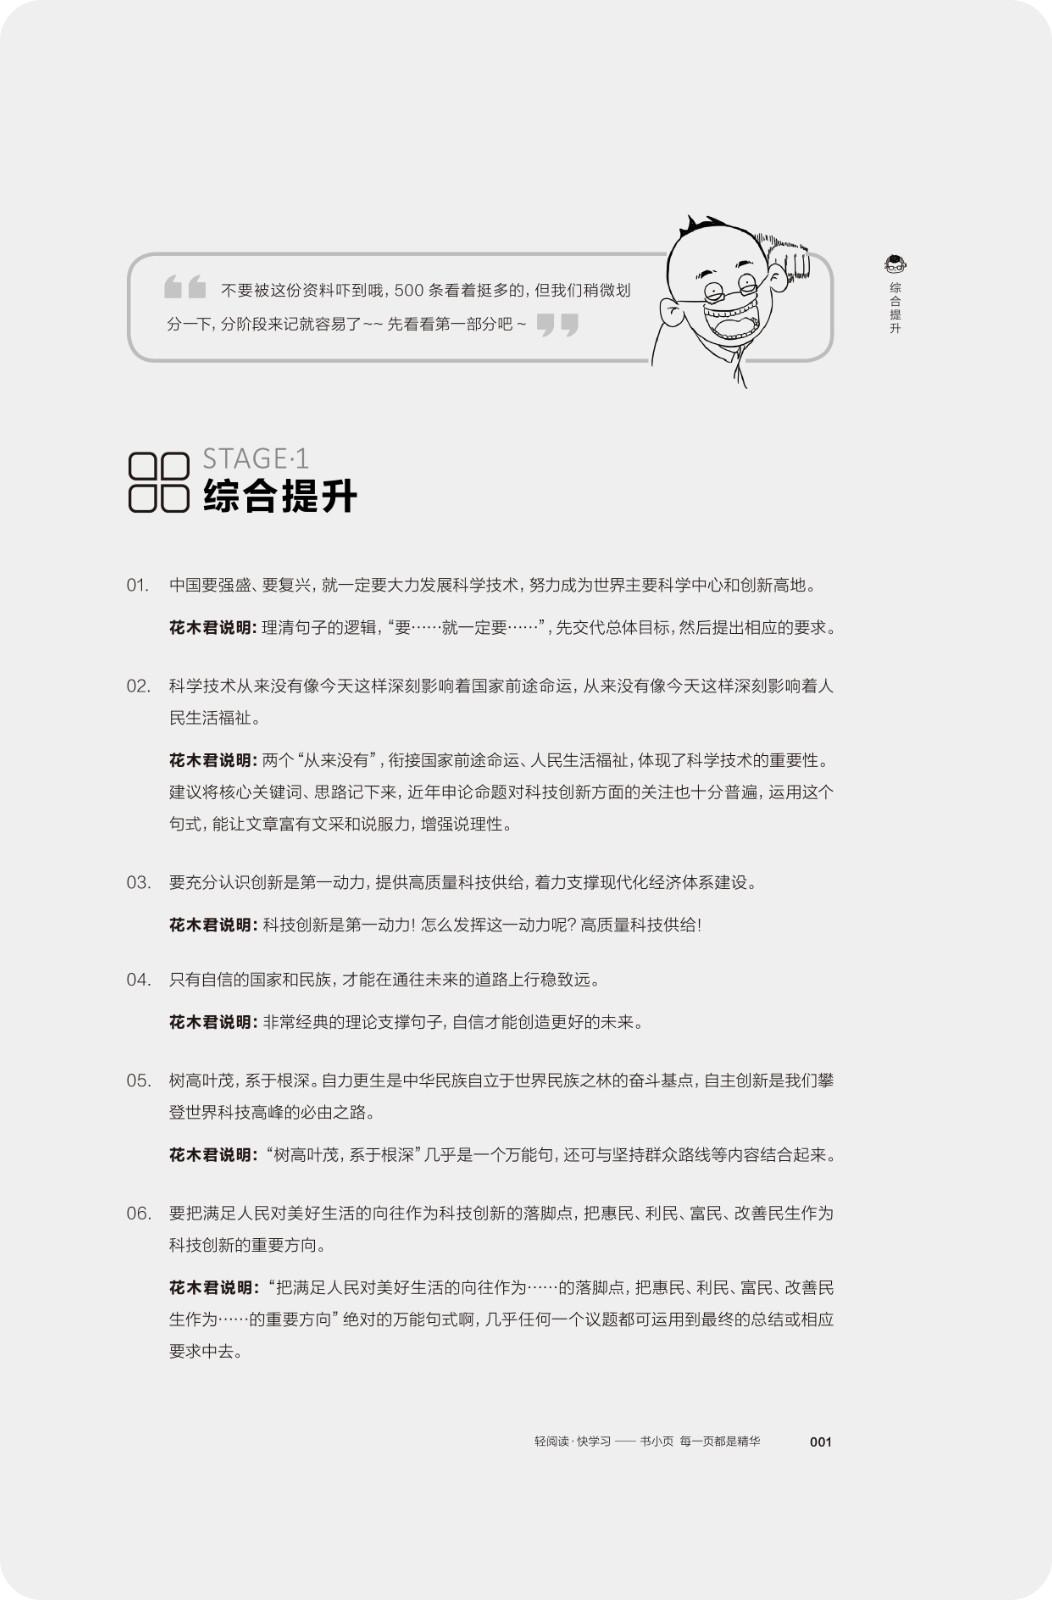 申论高分必学500条金句.jpg